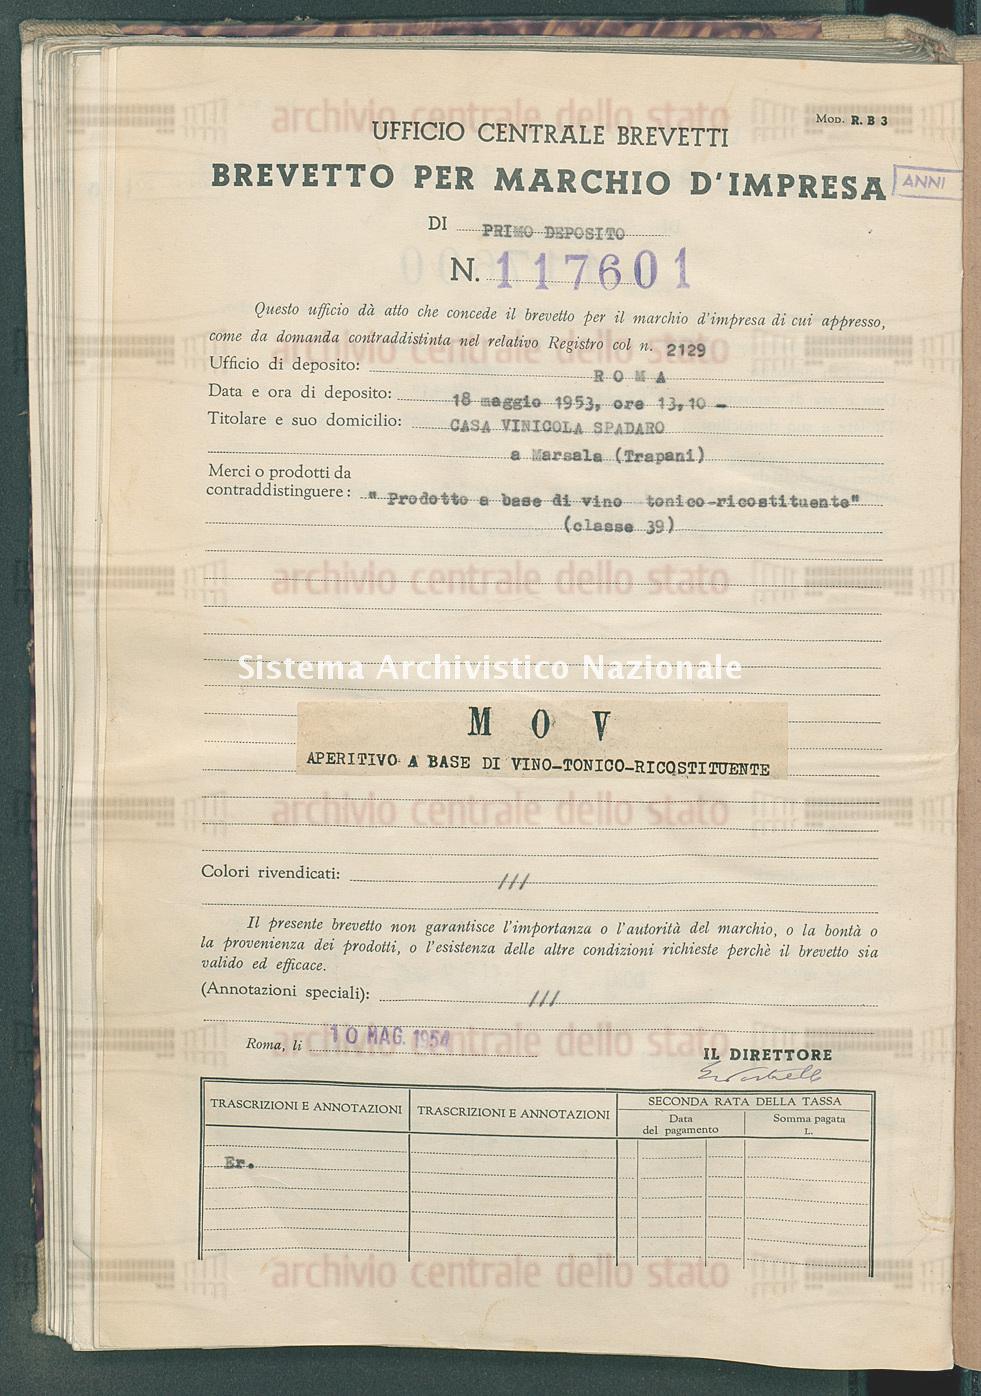 'Prodotto a base di vino tonico-ricostituente' Casa Vinicola Spadaro (10/05/1954)